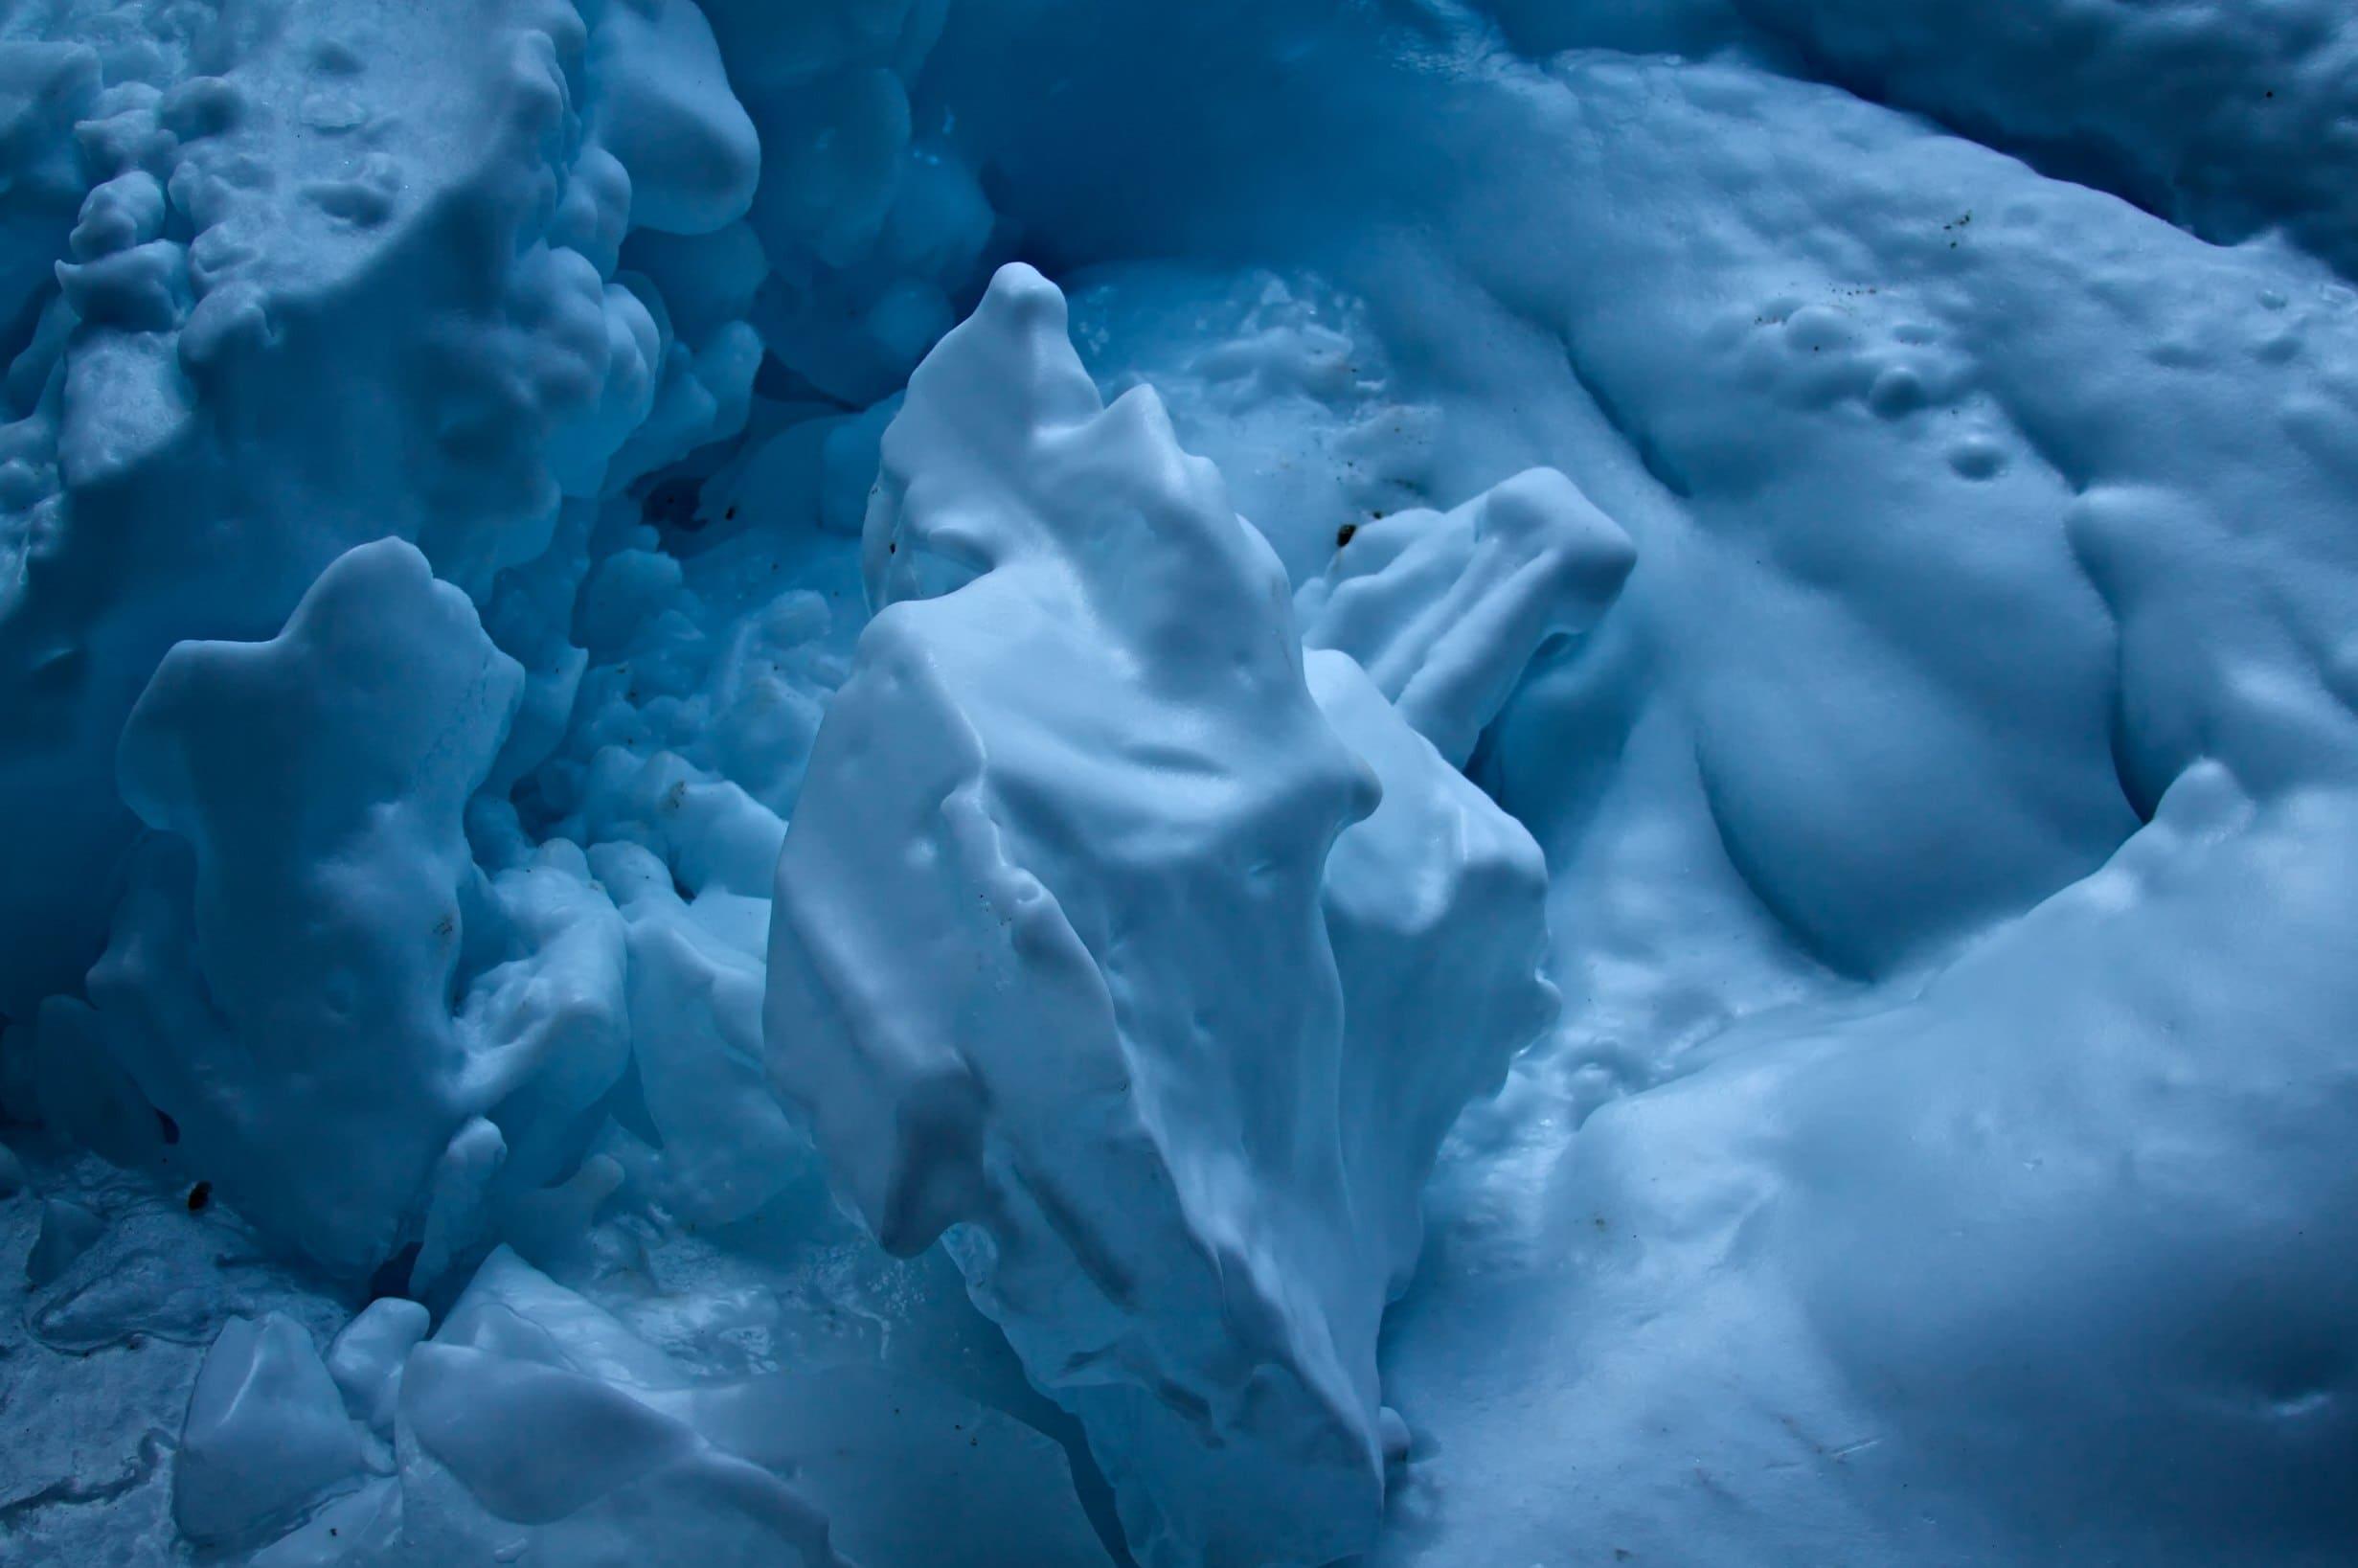 Картинка снега и льда в природе